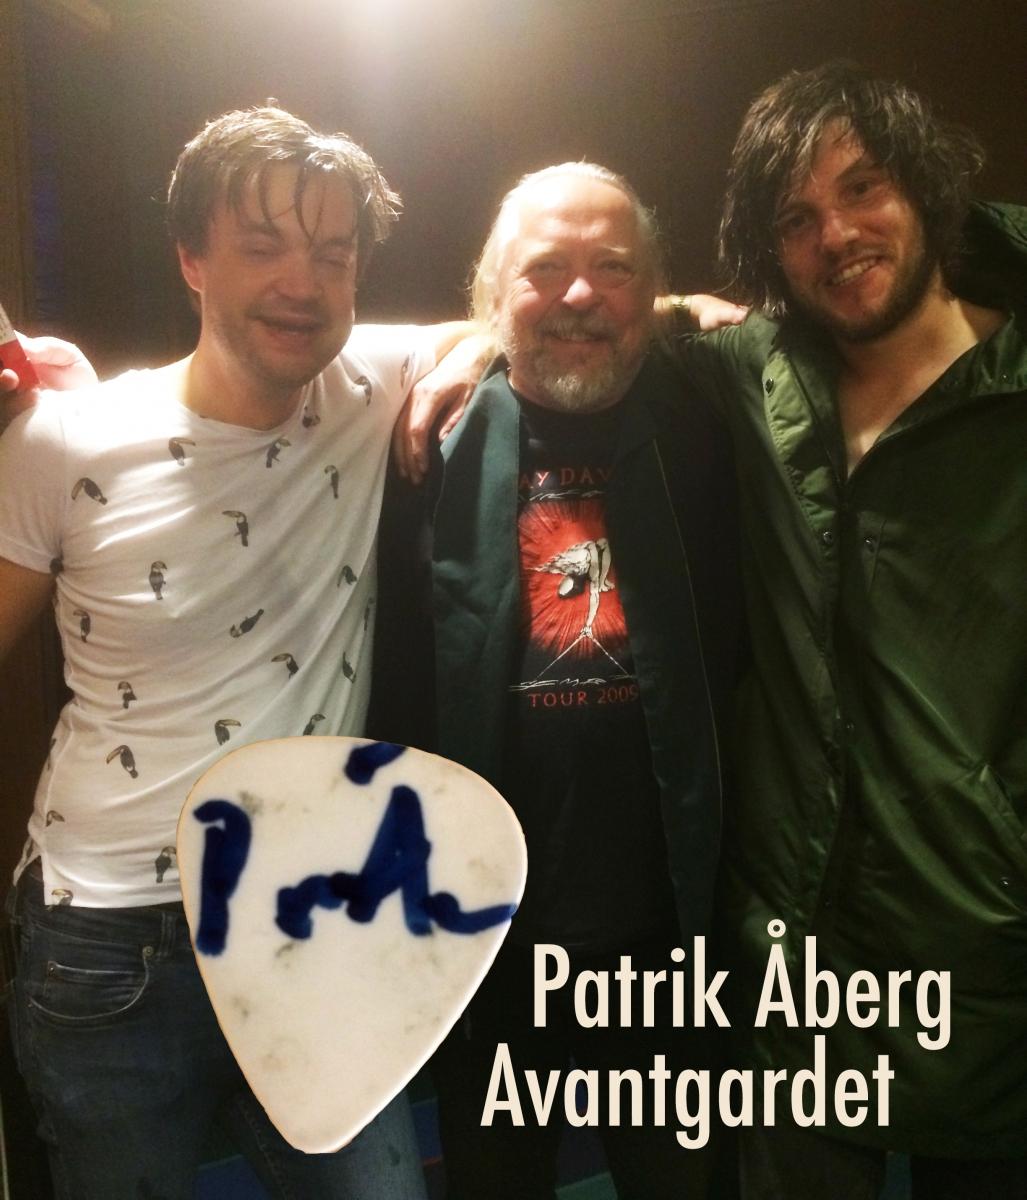 Patrik Åberg